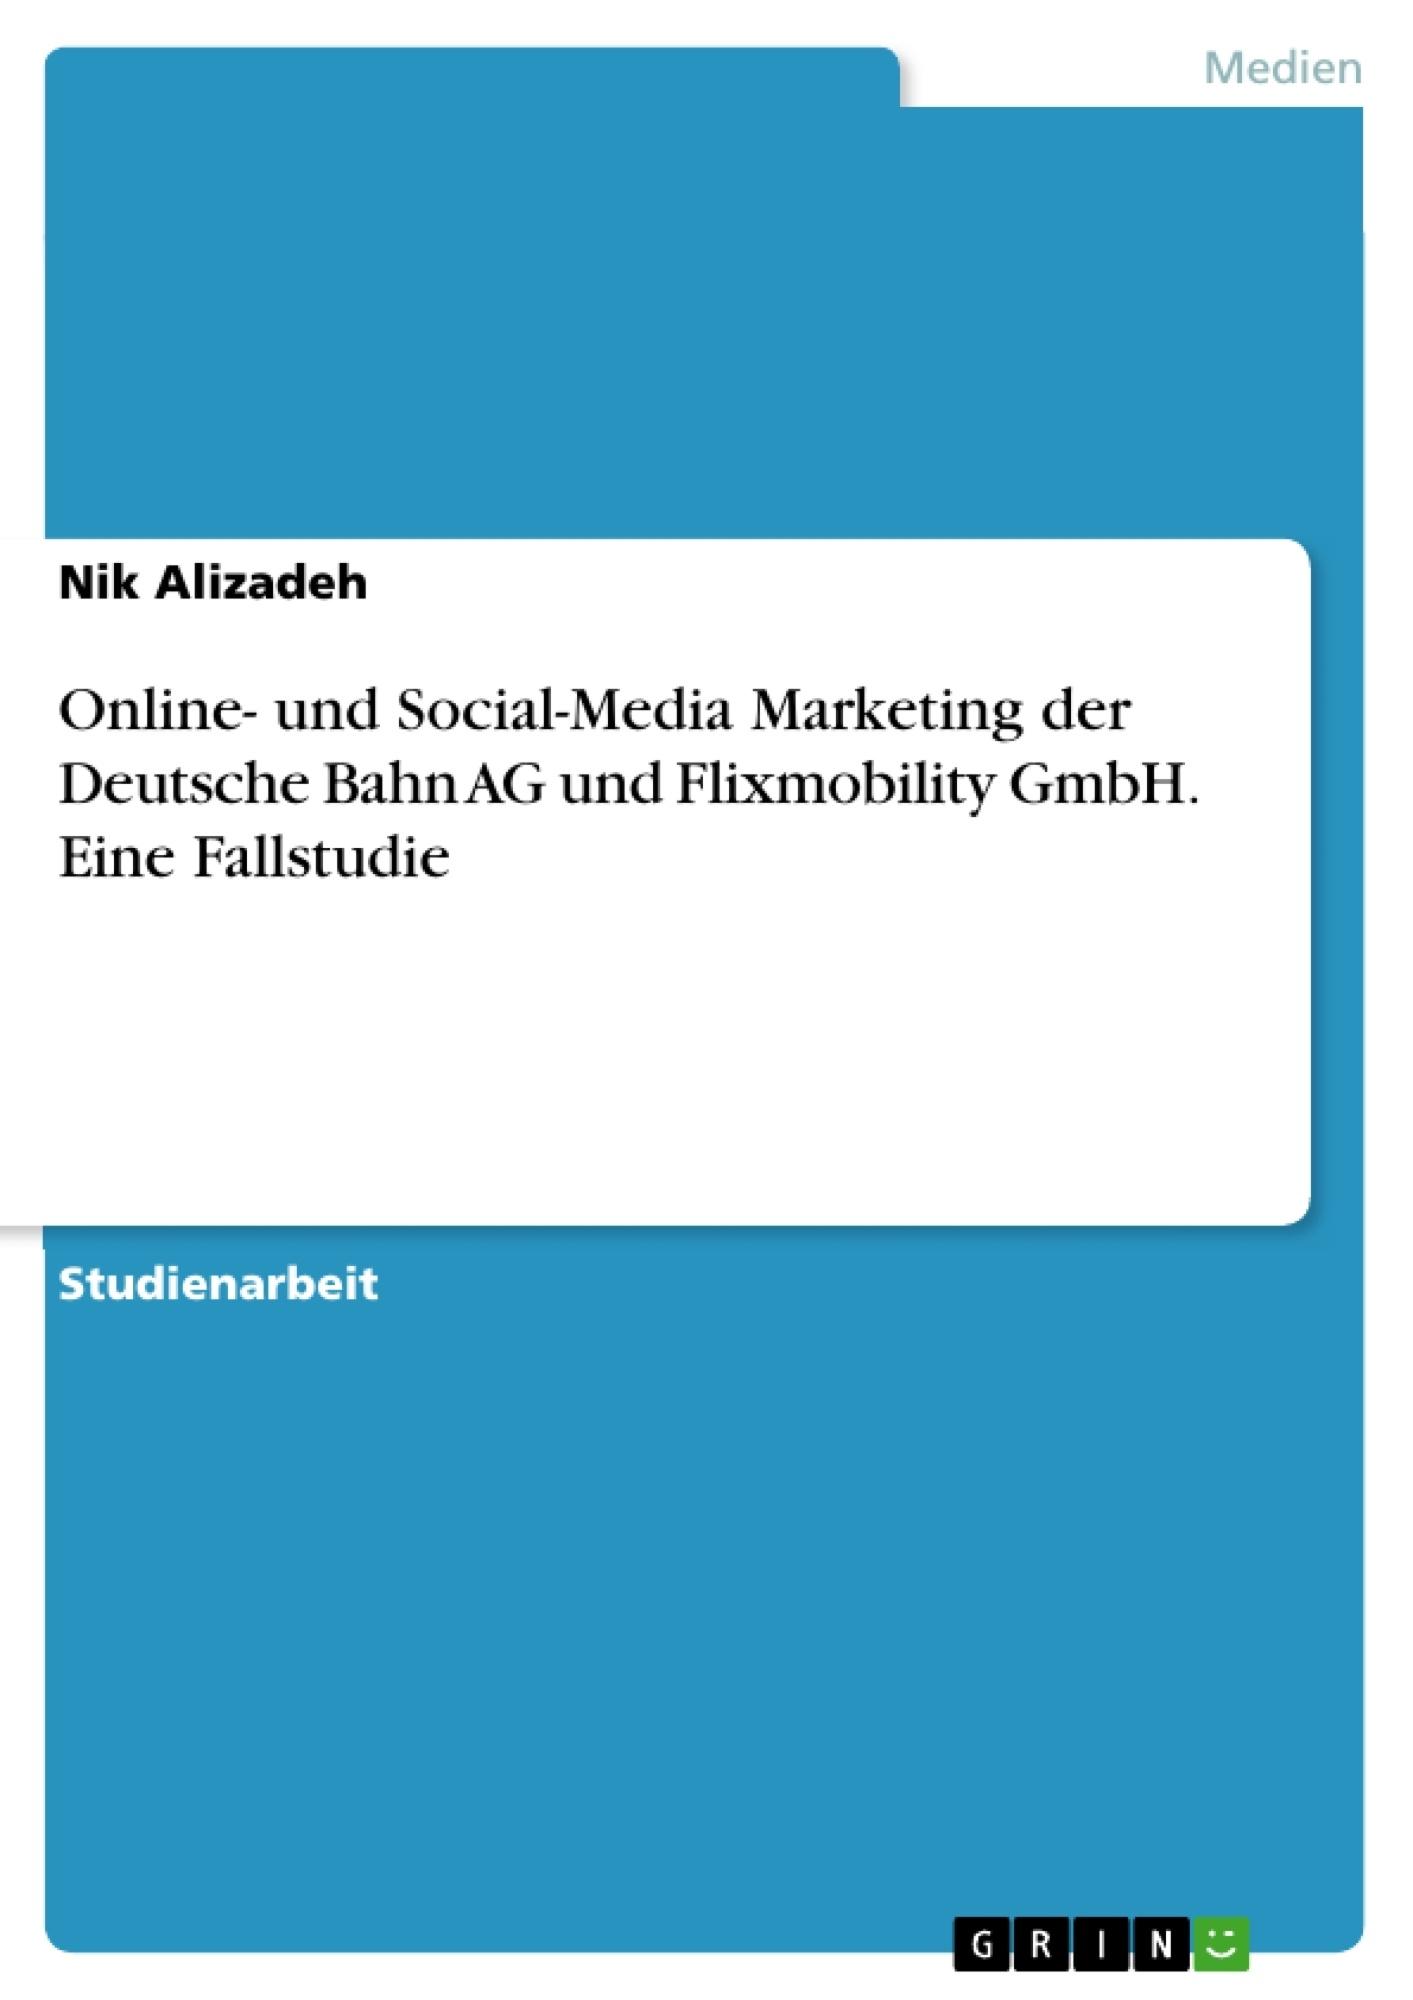 Titel: Online- und Social-Media Marketing der Deutsche Bahn AG und Flixmobility GmbH. Eine Fallstudie